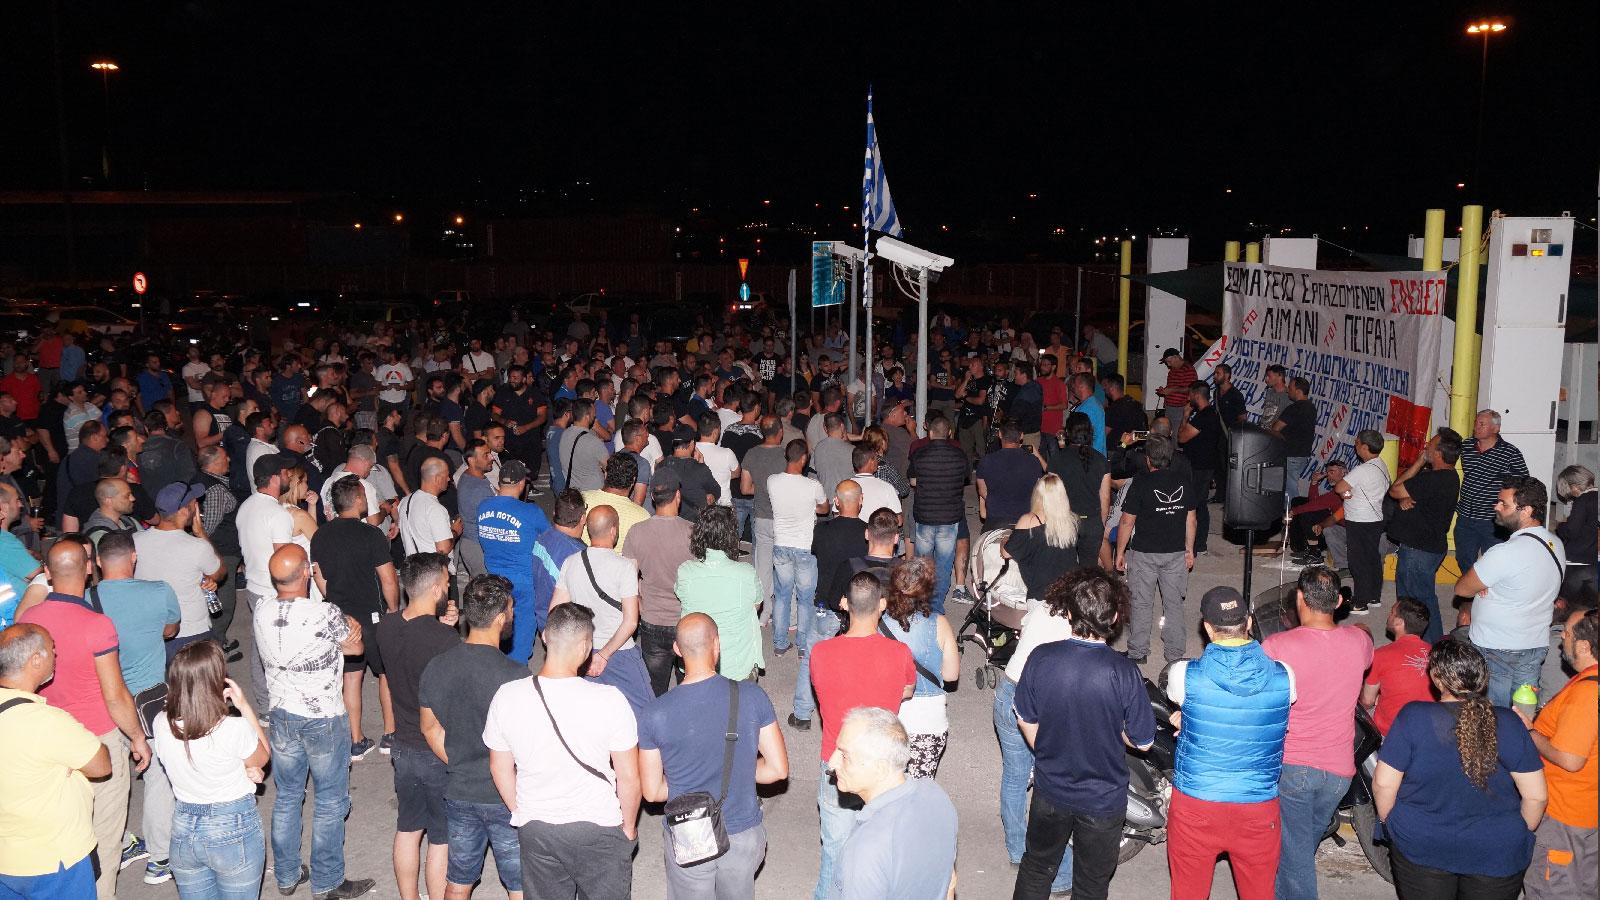 Ο Σύνδεσμος Ιδιωτικών Υπαλλήλων Αθήνας στο Πλευρό των Απεργών της COSCO